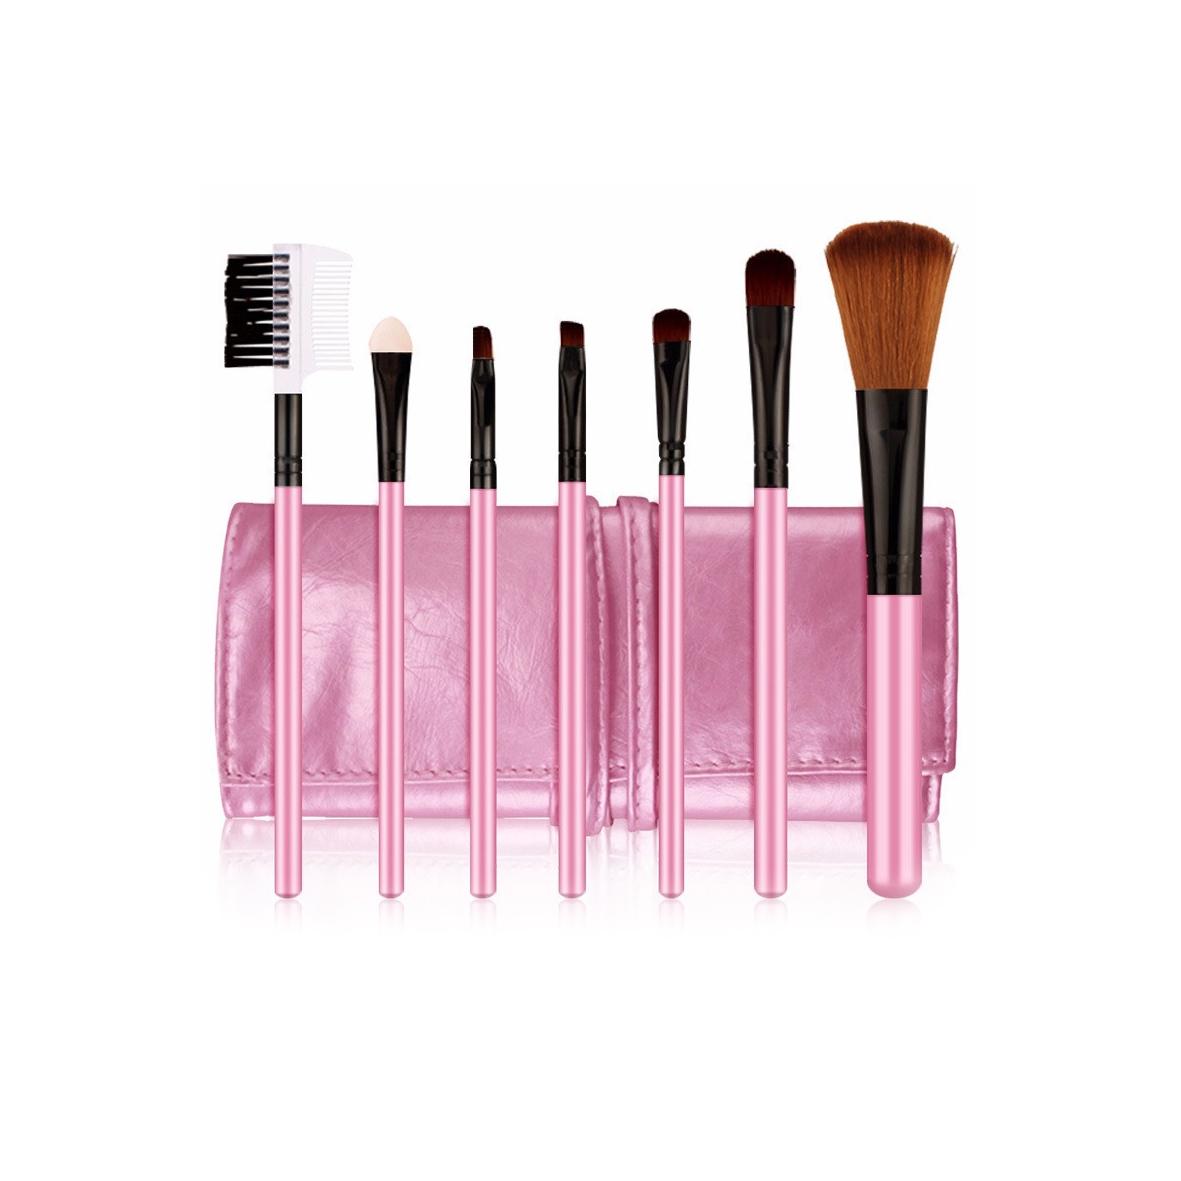 POSH Набор кистей для профессионального макияжа (волокно кинеколон), розовый кожаный чехол 7шт